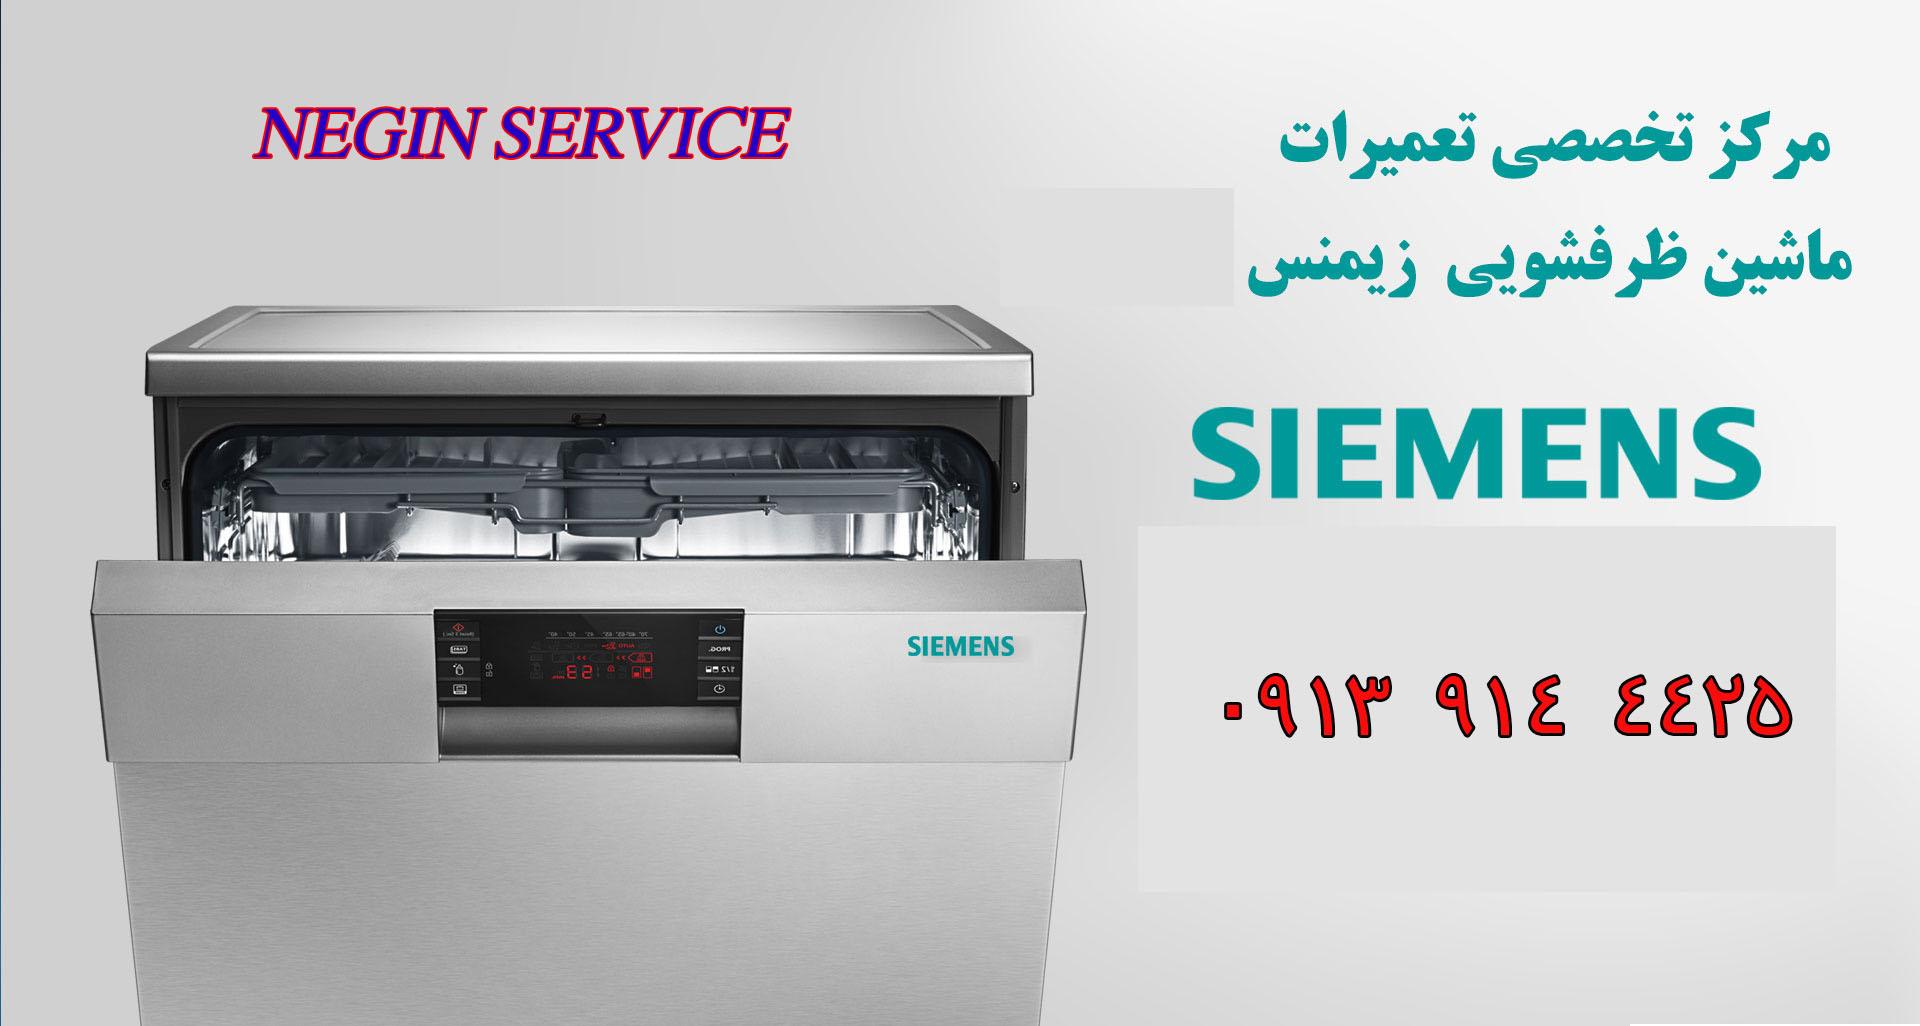 نمایندگی تعمیر ماشین ظرفشویی زیمنس در اصفهان